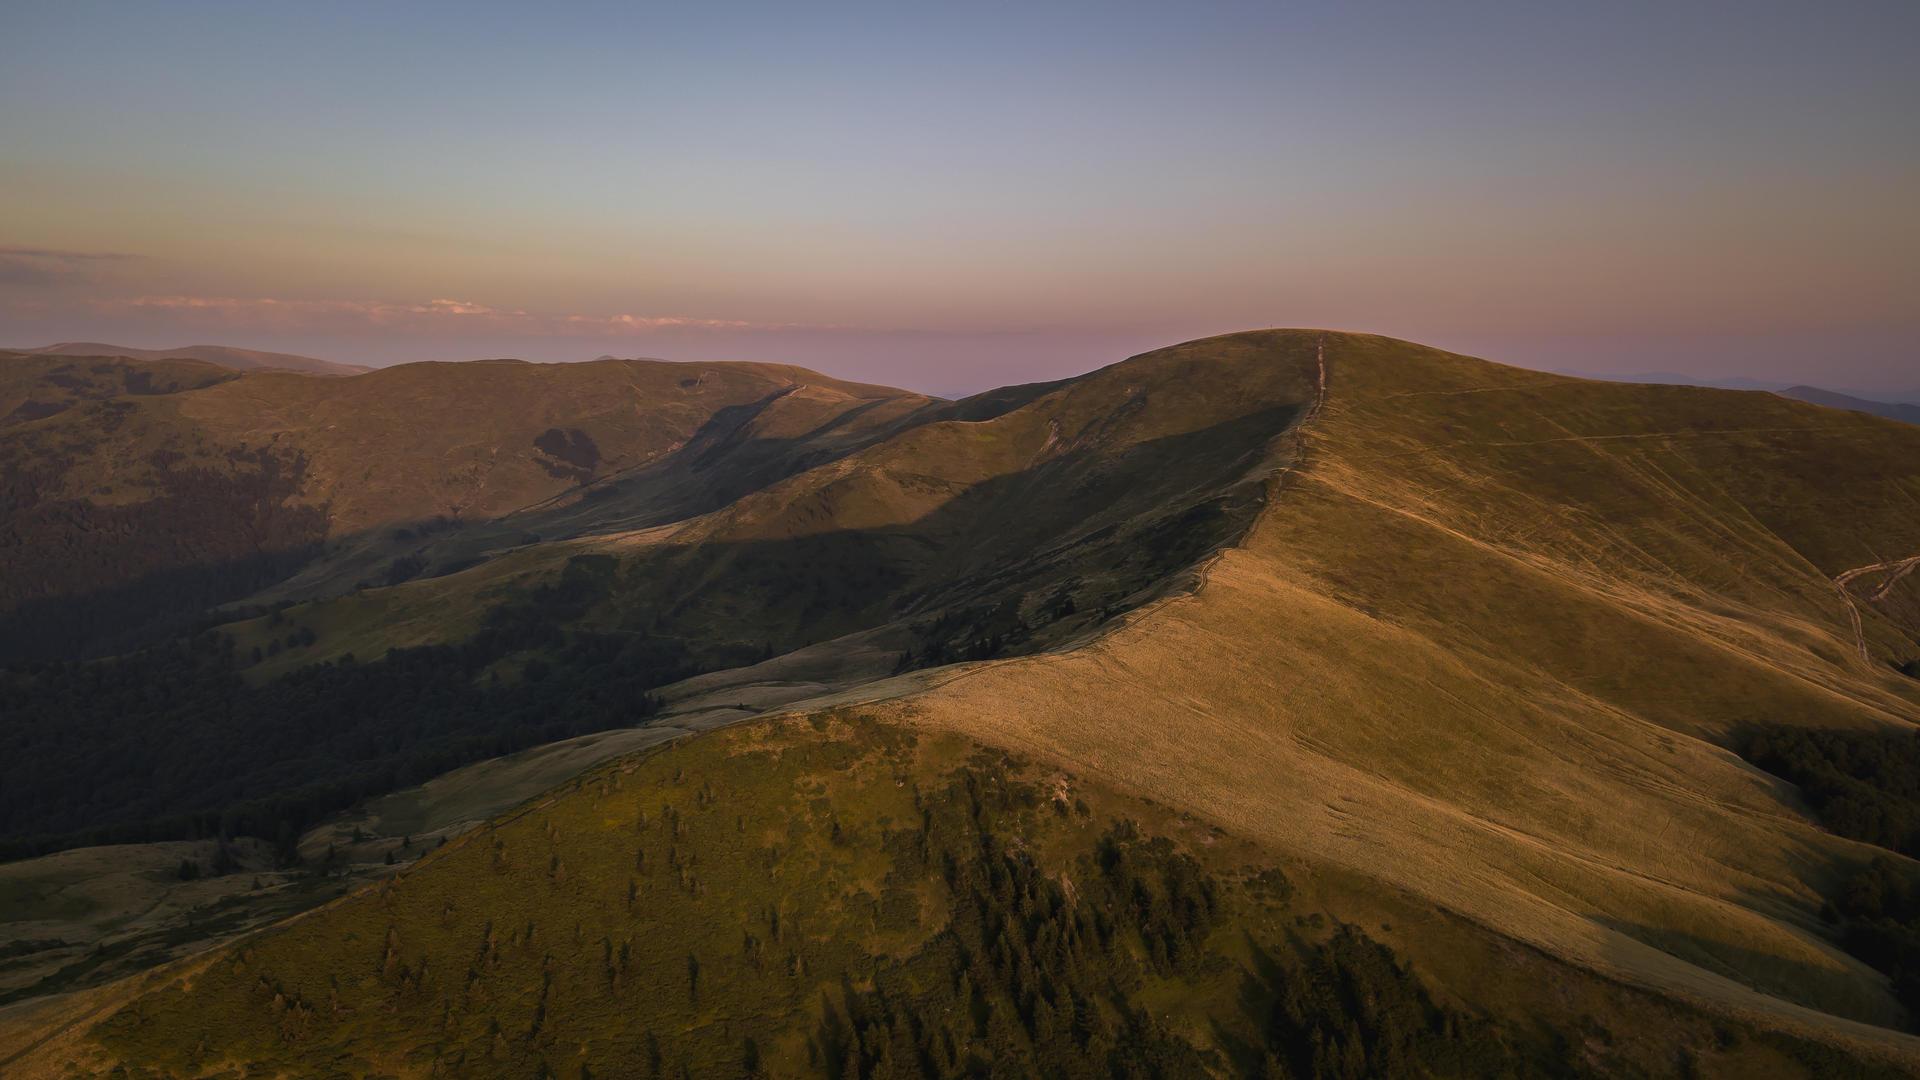 ridge svidovec, polonina svidovec, svidovec by mavic, ukrainian carpathians, carpathians svidovec